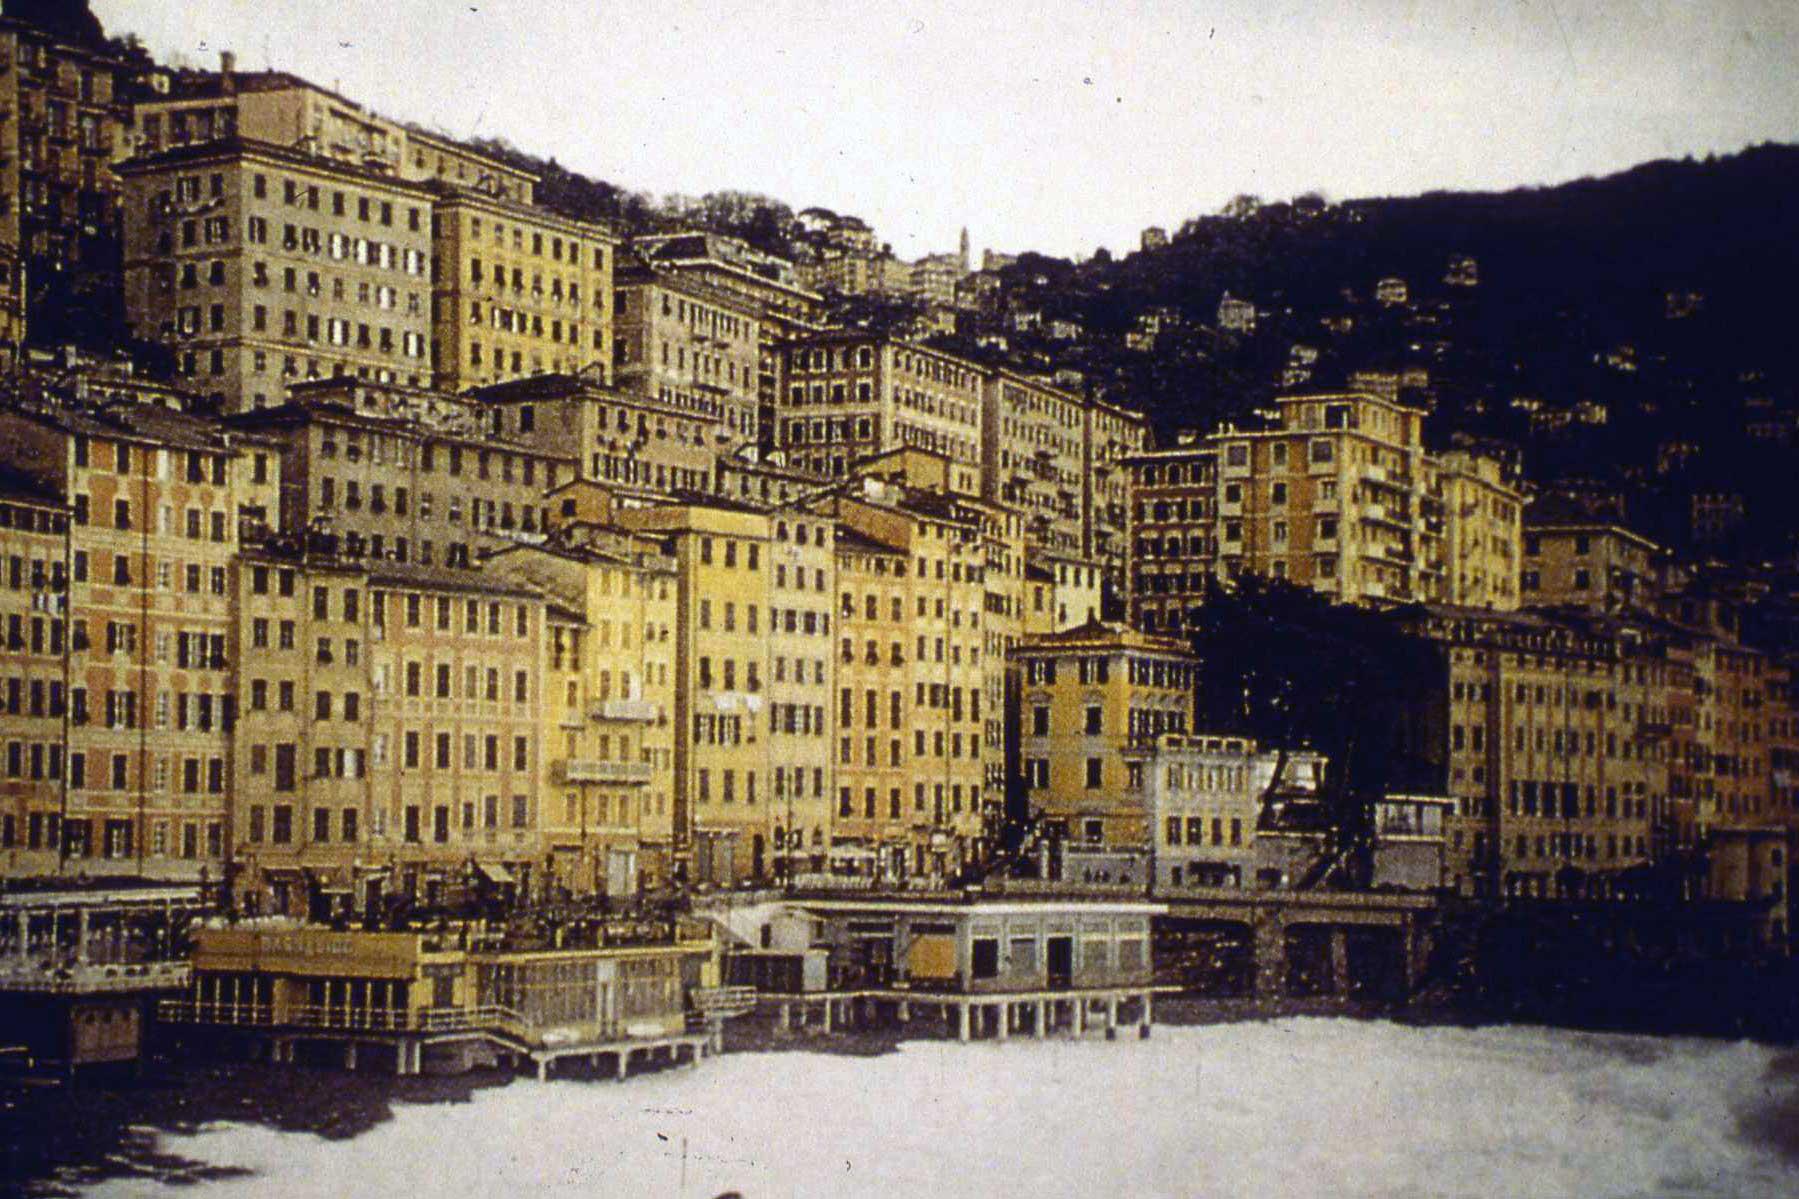 collage city zusammenfassung